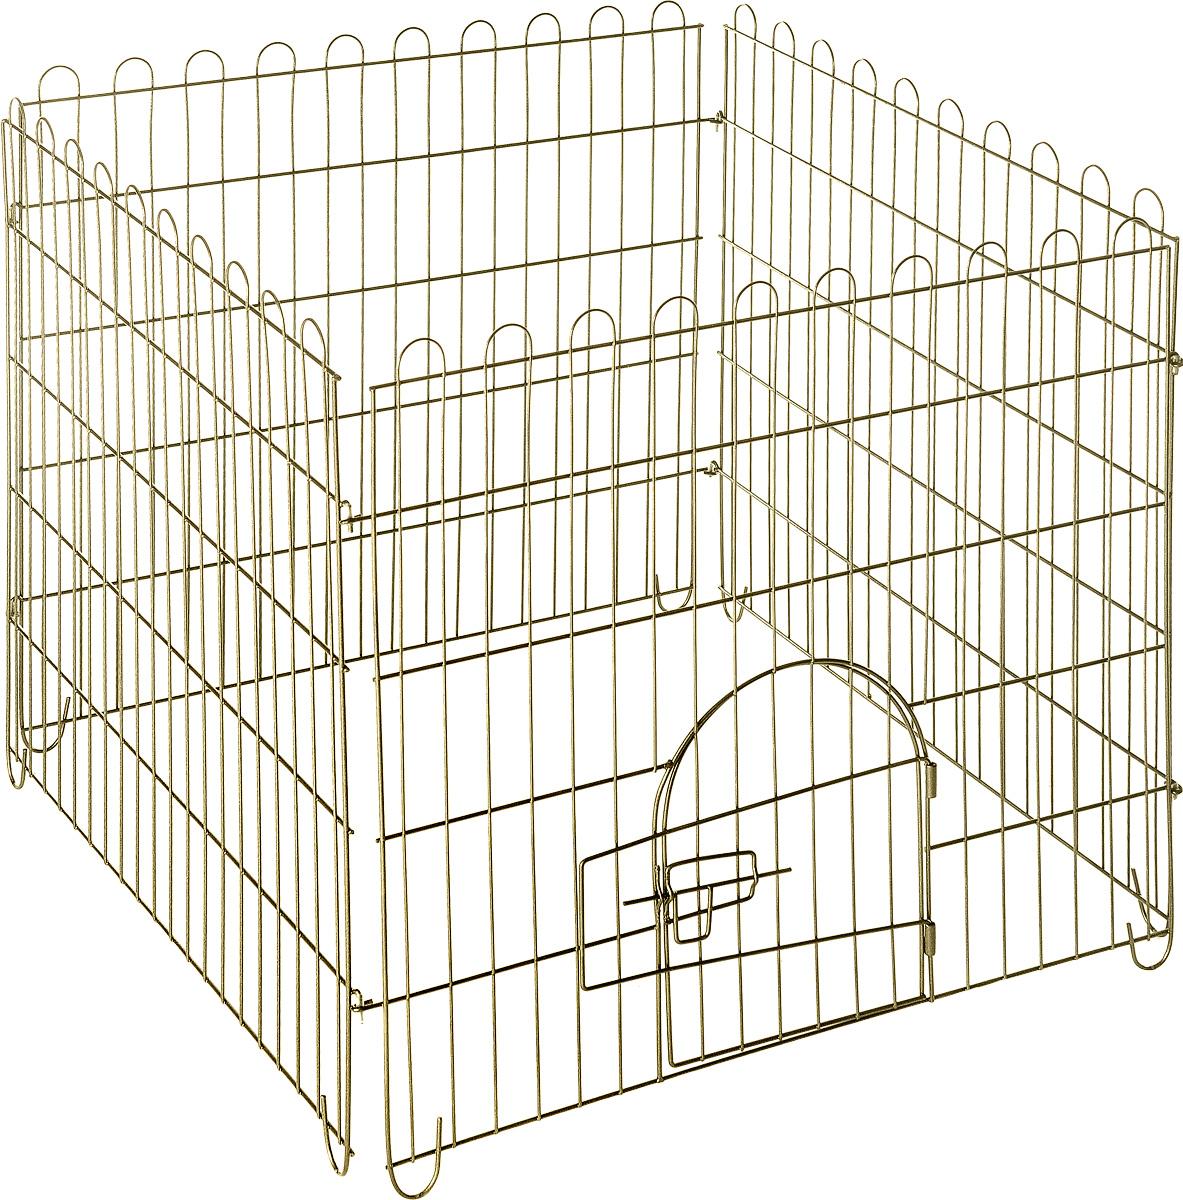 Вольер для животных ЗооМарк, разборный, 4 секции, 75 х 75 х 74 см1001Вольер для животных ЗооМарк, выполненный из металла, состоит из 4 секций, одна из которых снабжена металлической дверцей с запором-задвижкой. Чтобы собрать вольер, нужно вставить штыри, расположенные с боковых сторон секций, в кольца, имеющиеся по бокам. Из панелей можно собрать ограждение для вашего питомца любой формы, используя для этого необходимое количество секций. Секции могут состыковаться друг с другом под любым углом. Вольер предназначен для собак, а также других животных. Подходит для отдыха на природе и ограничения передвижения по участку. В сложенном виде занимает очень мало места, удобен для транспортировки. Размер вольера: 75 х 75 х 74 см. Размер секции: 75 х 74 см. Расстояние между прутьями: 3,7 см.